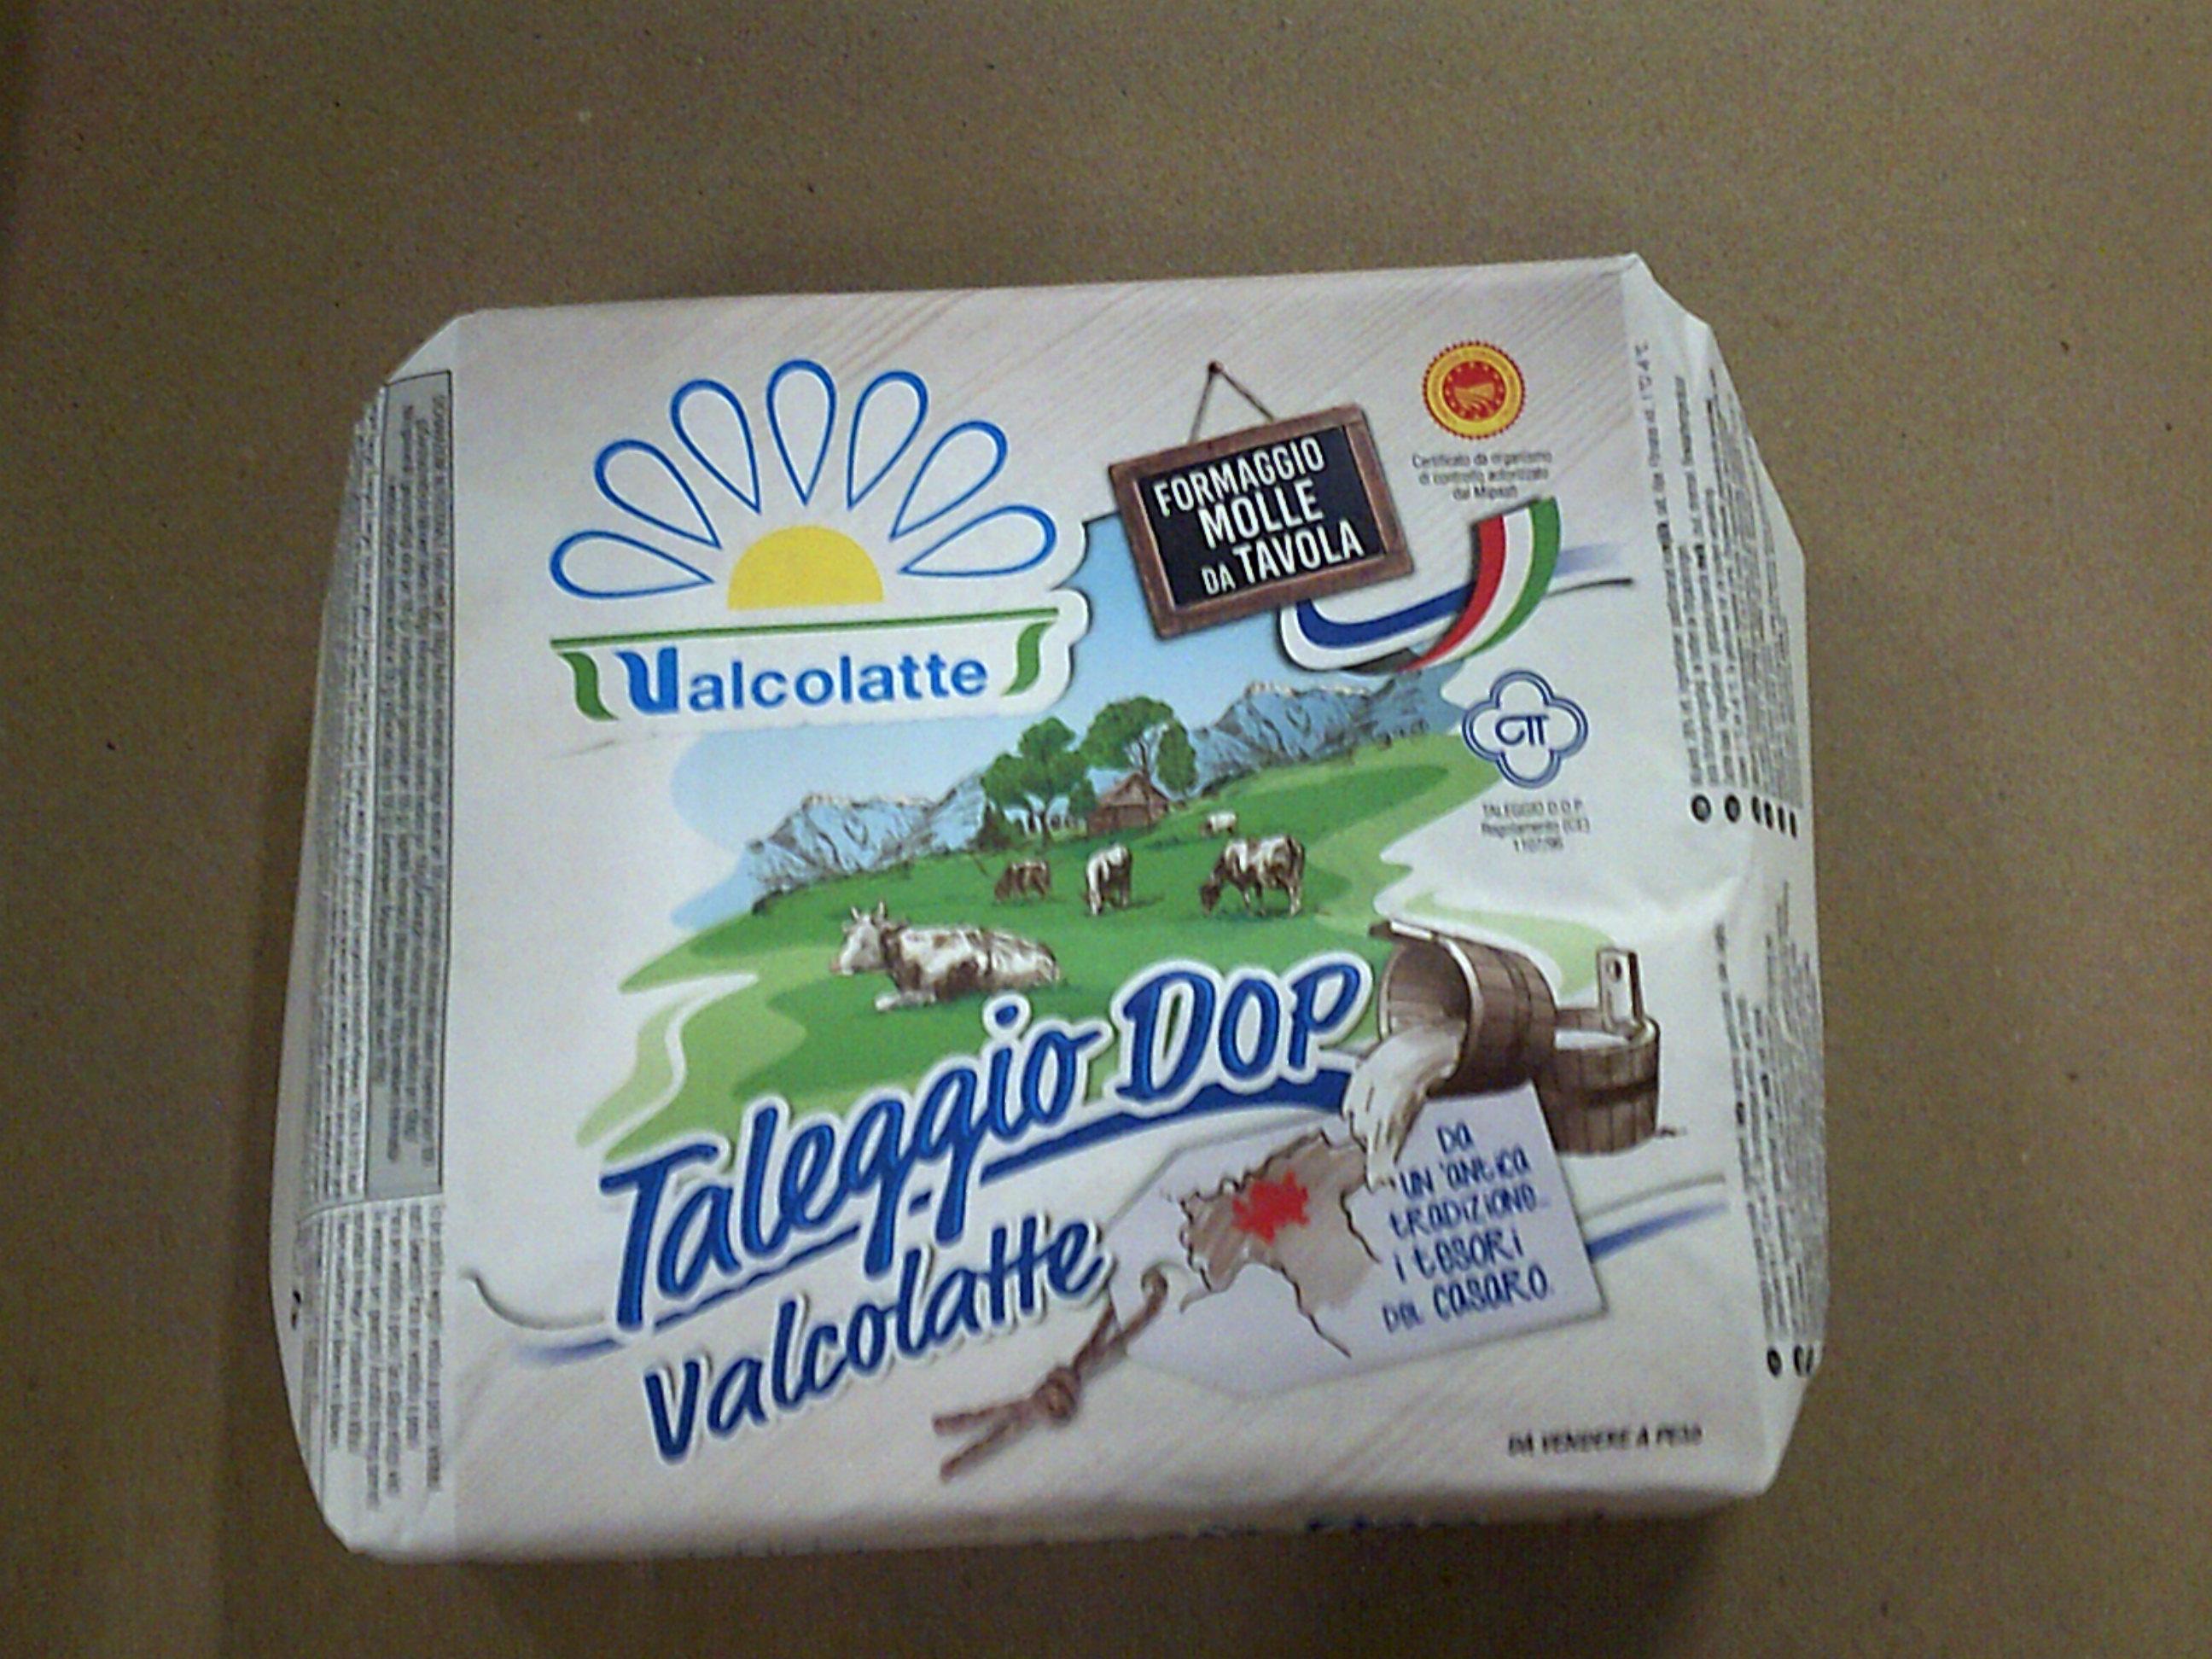 TALEGGIO VALCOLATE ITALIE